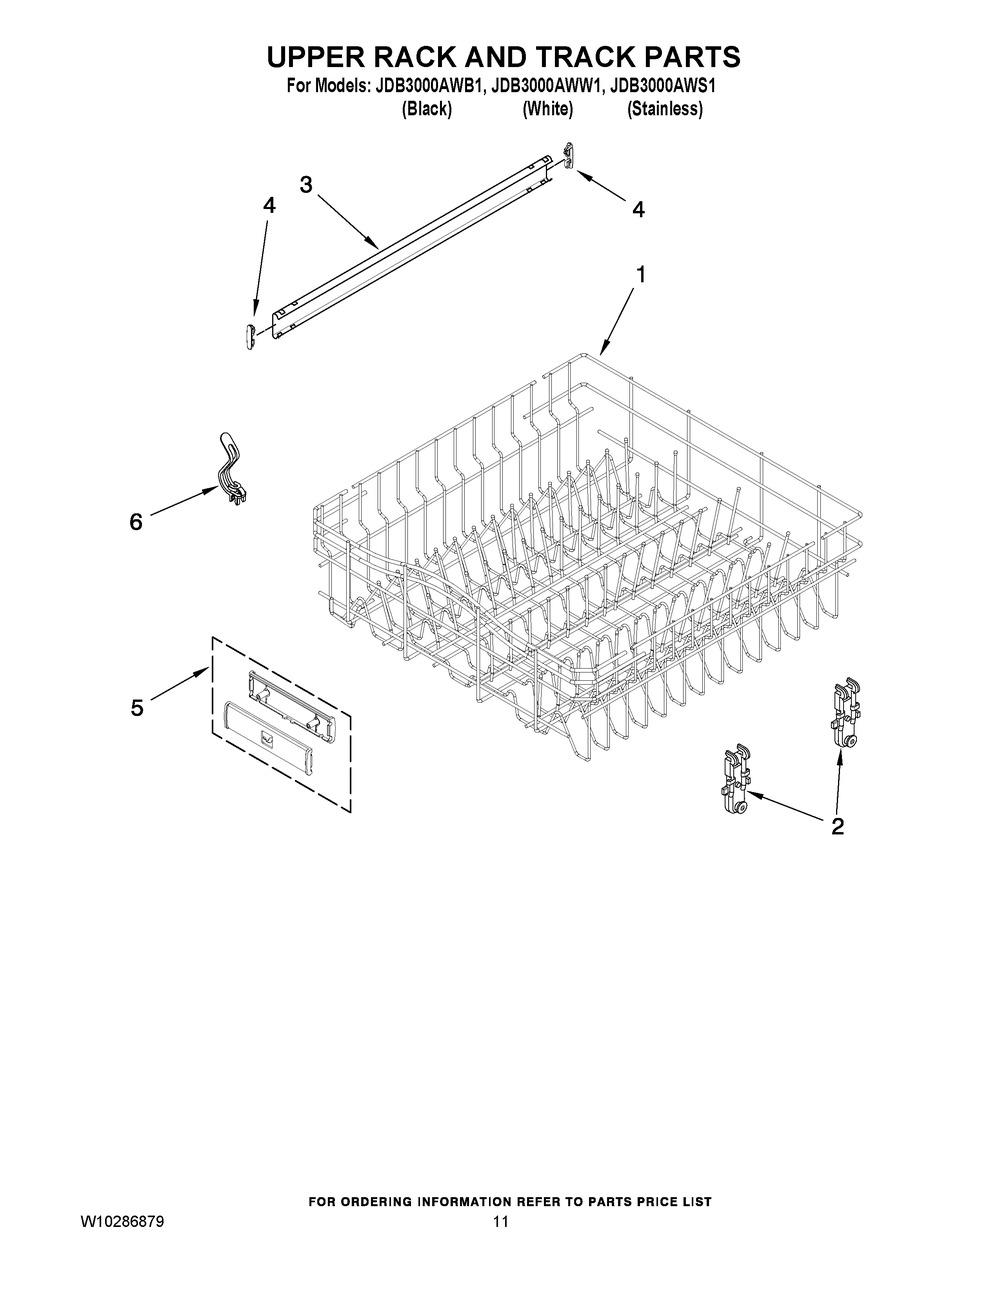 Diagram for JDB3000AWW1